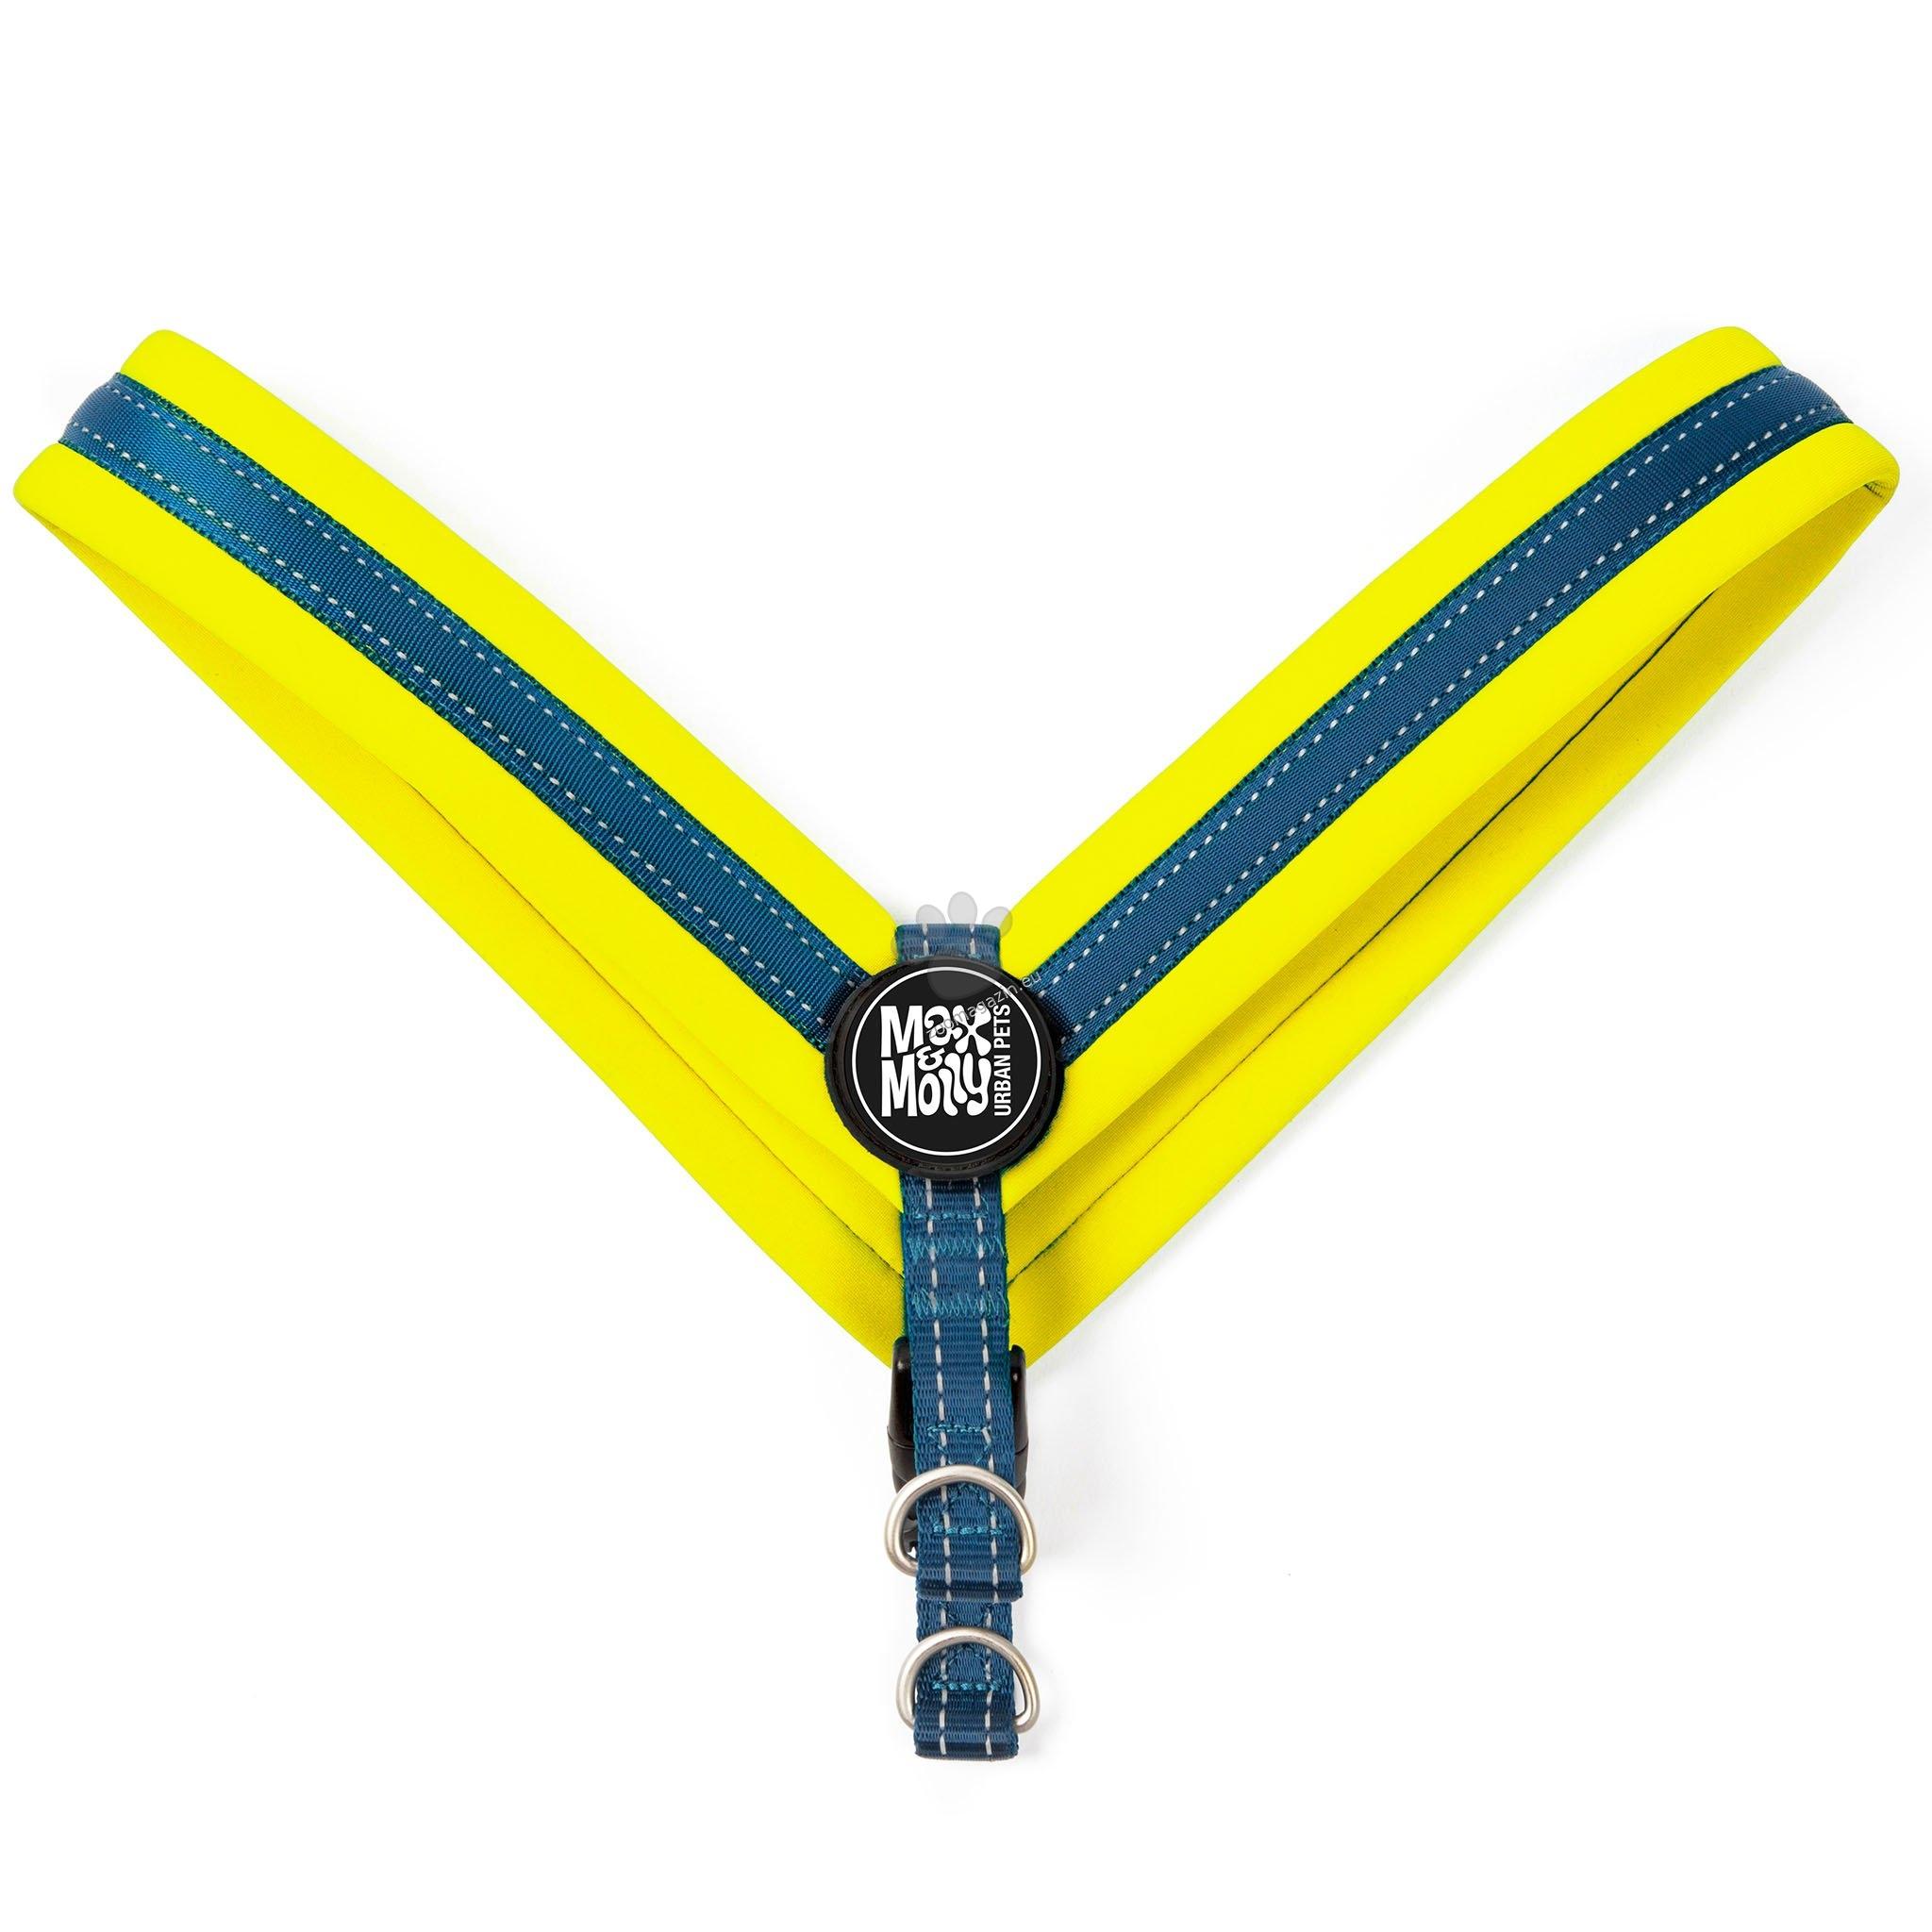 Max Molly H-Harness Q-Fit Yellow XS - нагръдник за кучета с обиколка на гърдите 36 - 38 см.